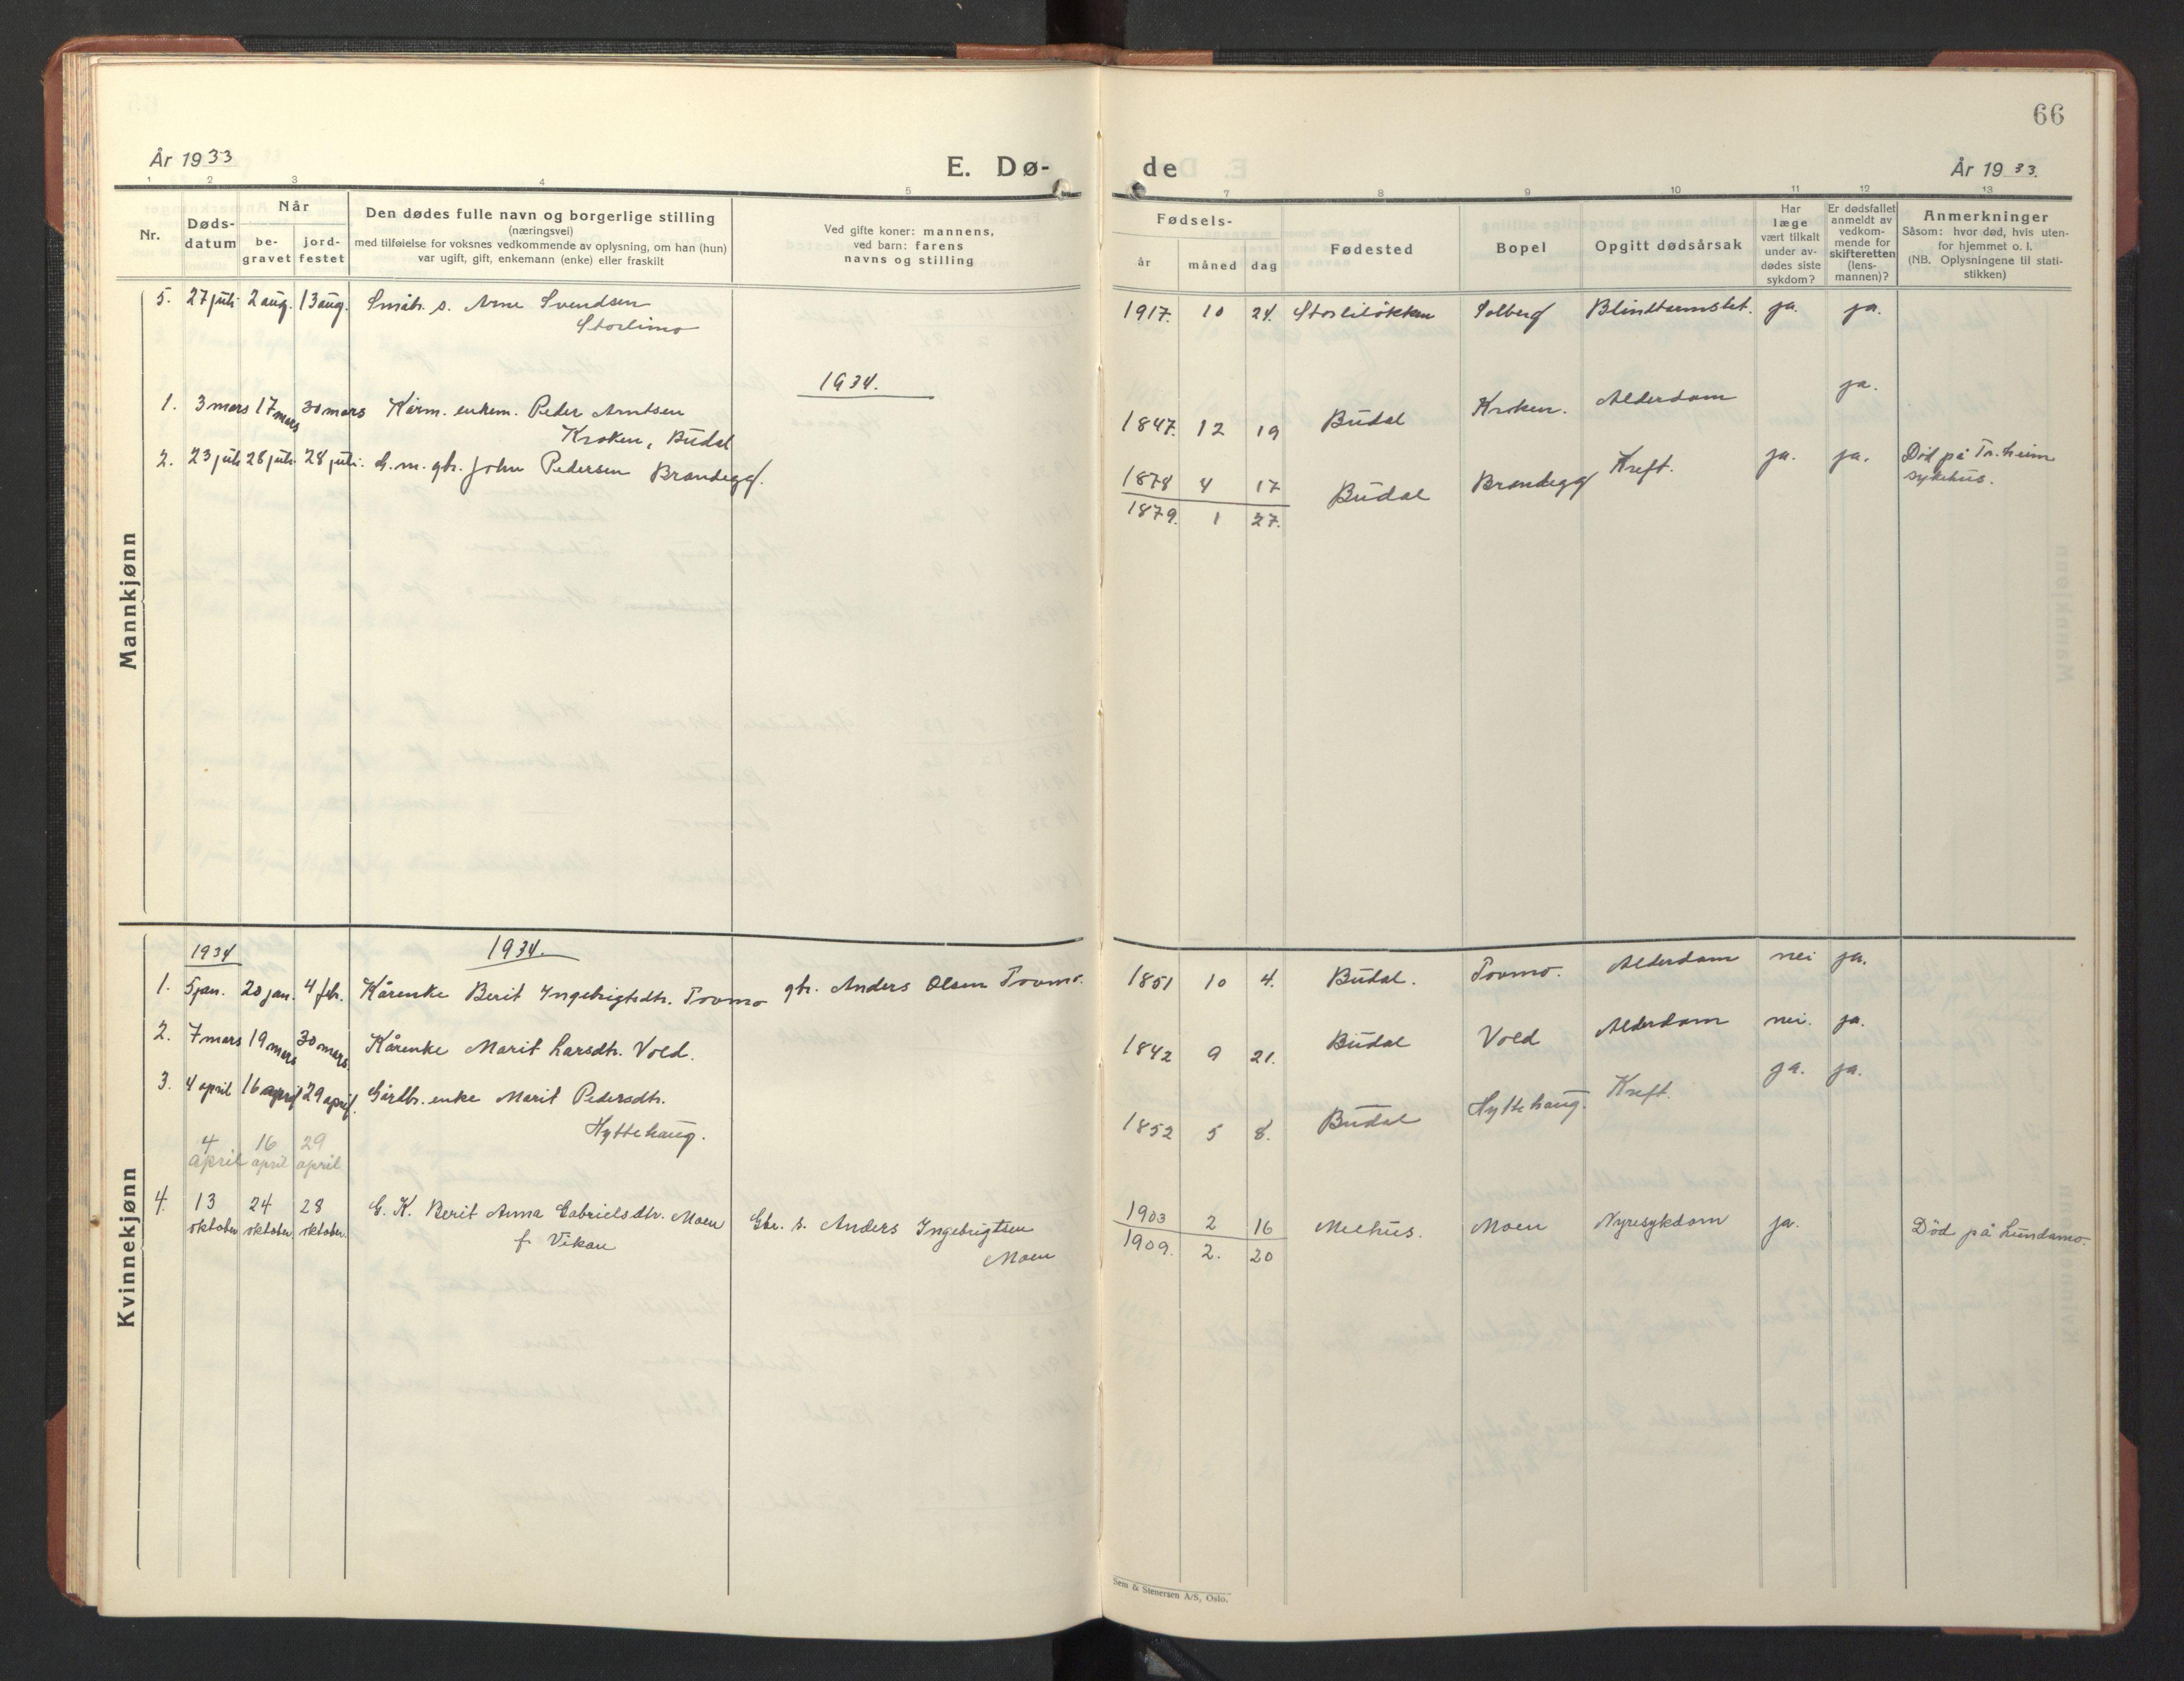 SAT, Ministerialprotokoller, klokkerbøker og fødselsregistre - Sør-Trøndelag, 690/L1053: Klokkerbok nr. 690C03, 1930-1947, s. 66